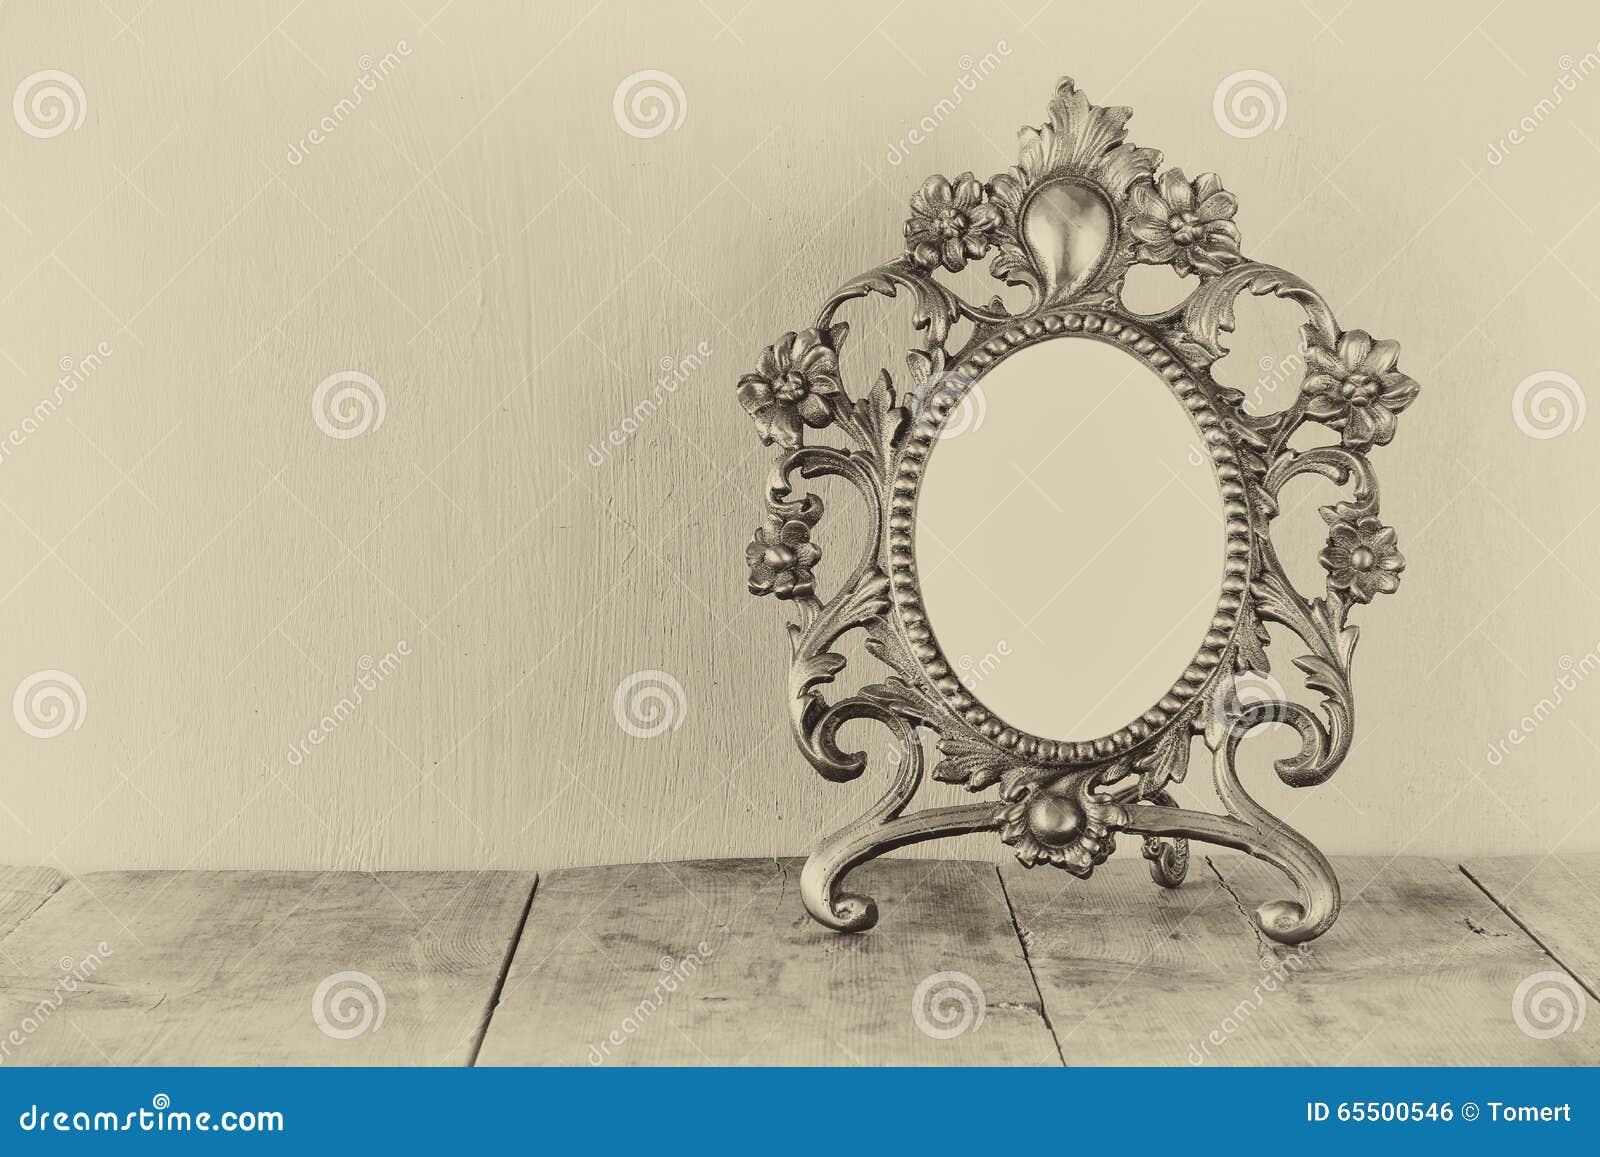 Image Pour Mettre Dans Un Cadre cadre vide antique de style de victorian sur la table en